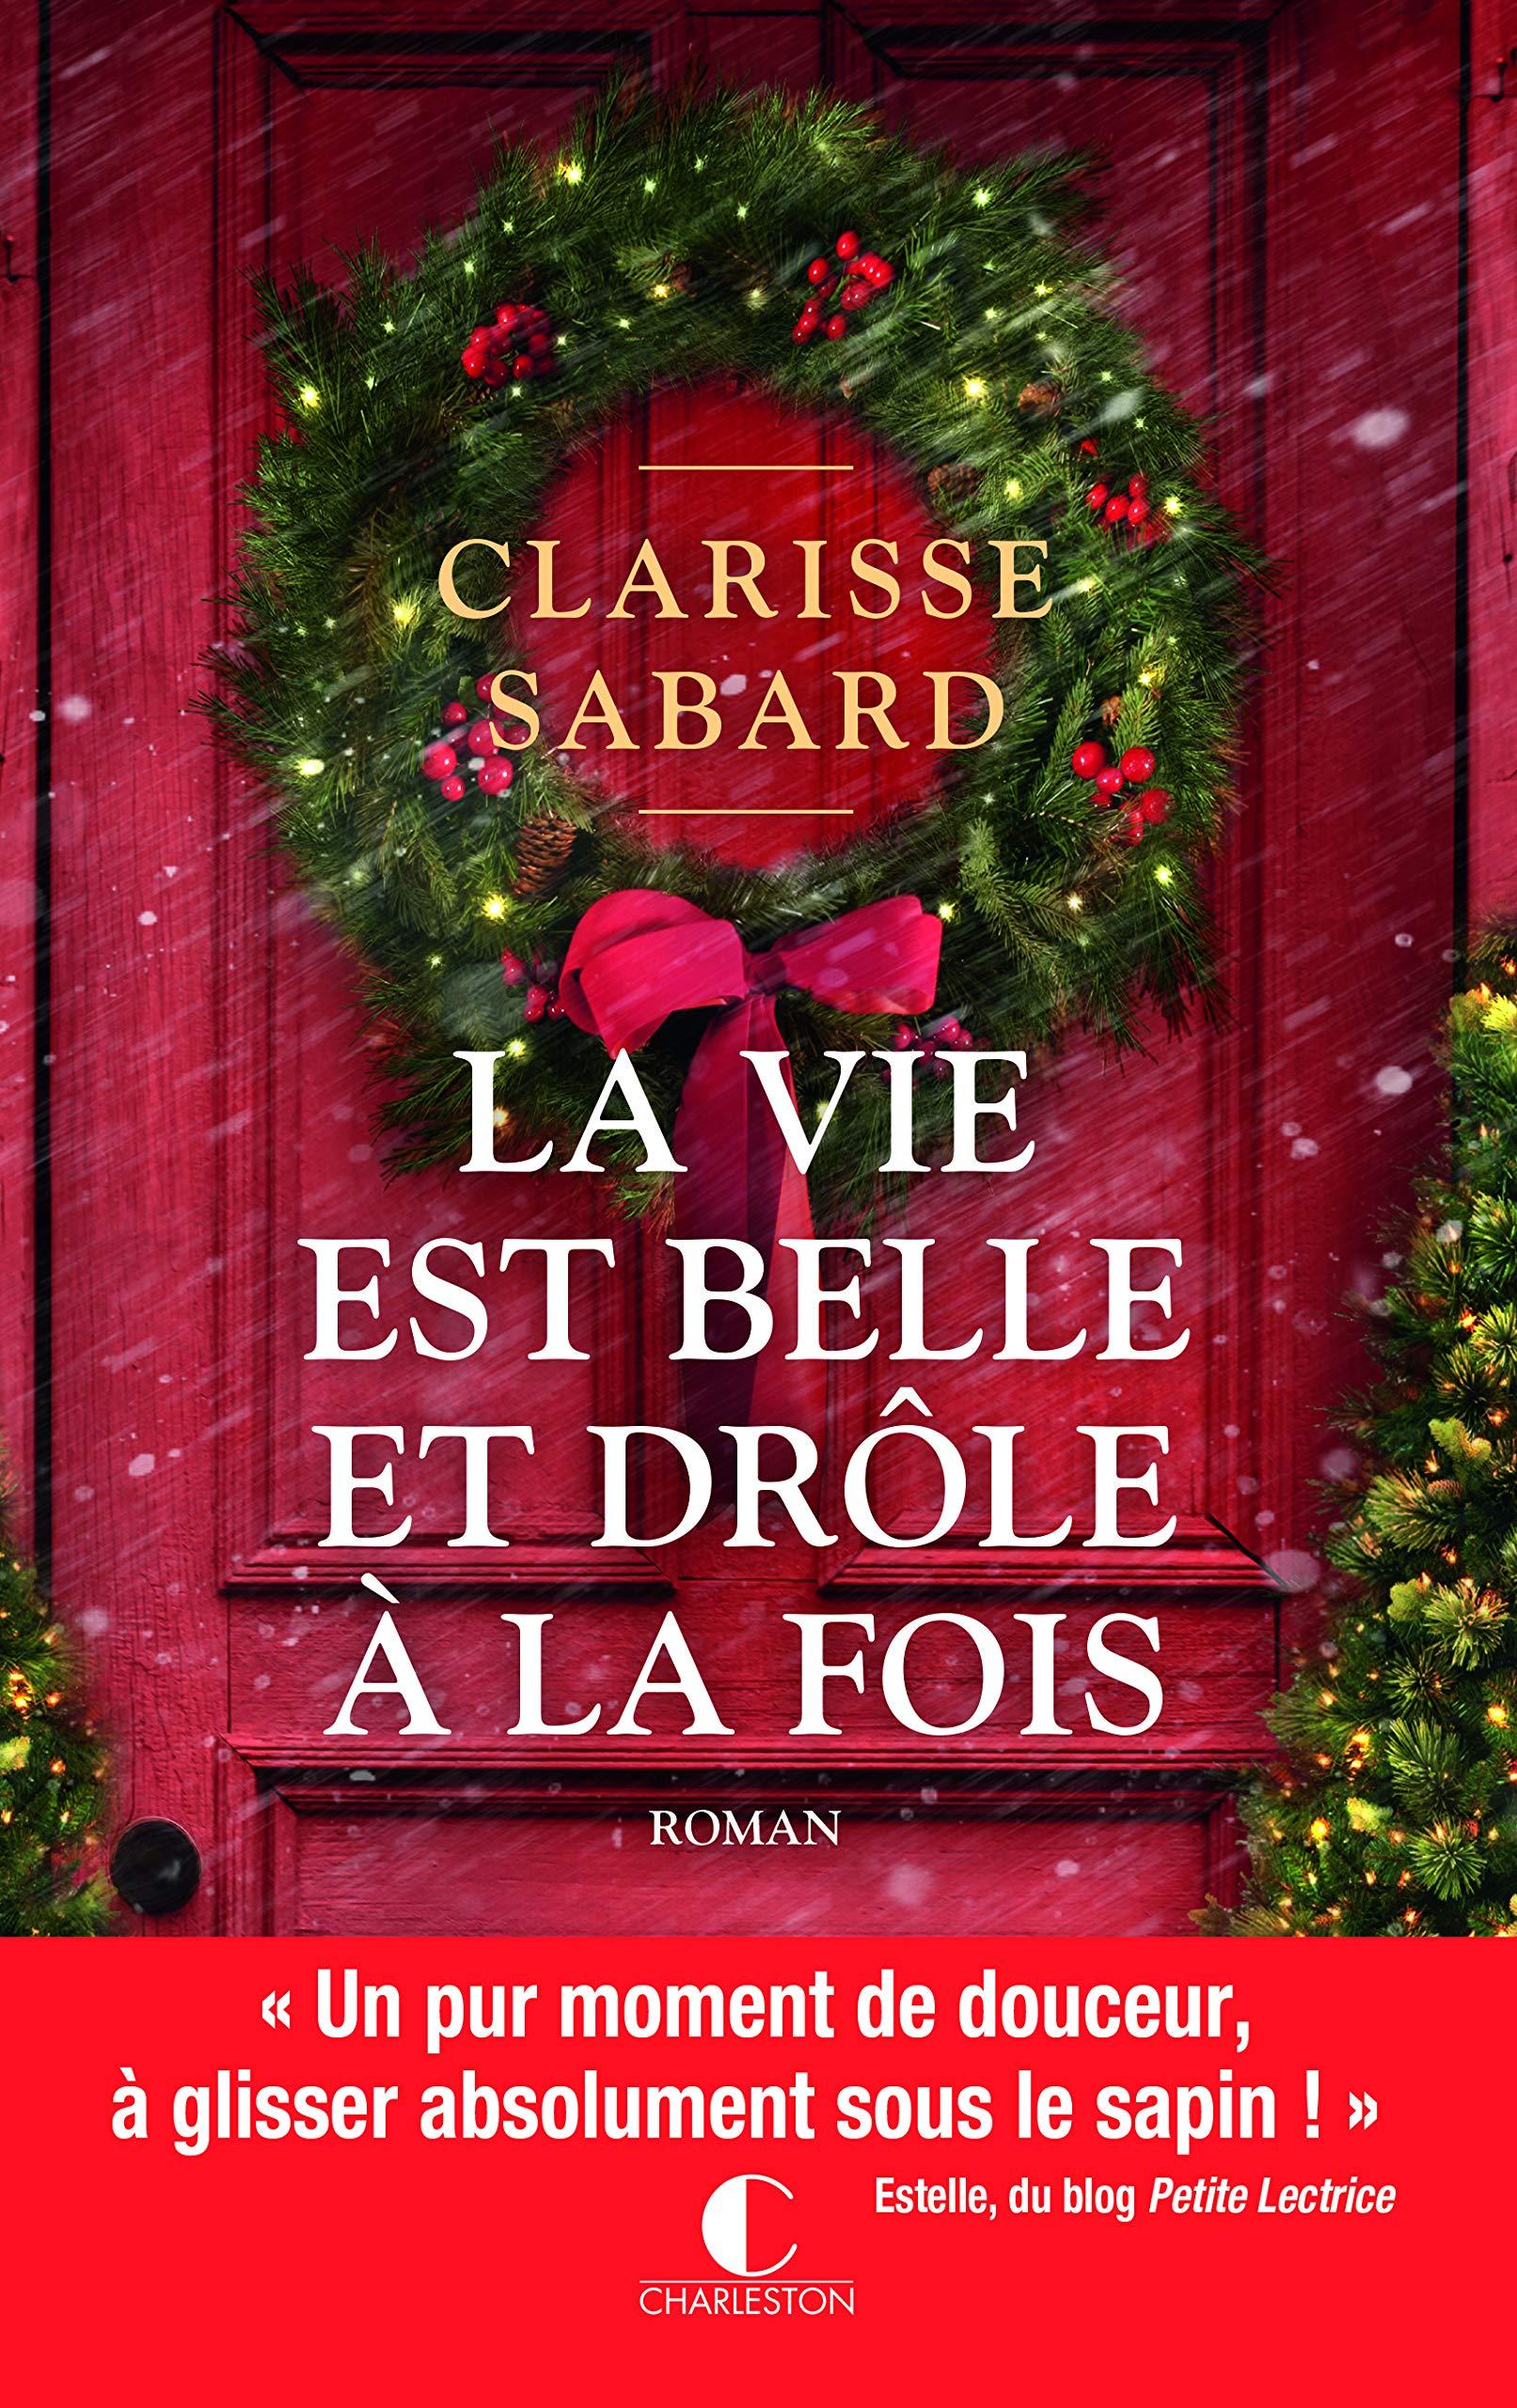 Amazon.fr - La vie est belle et drôle à la fois - Sabard, Clarisse - Livres